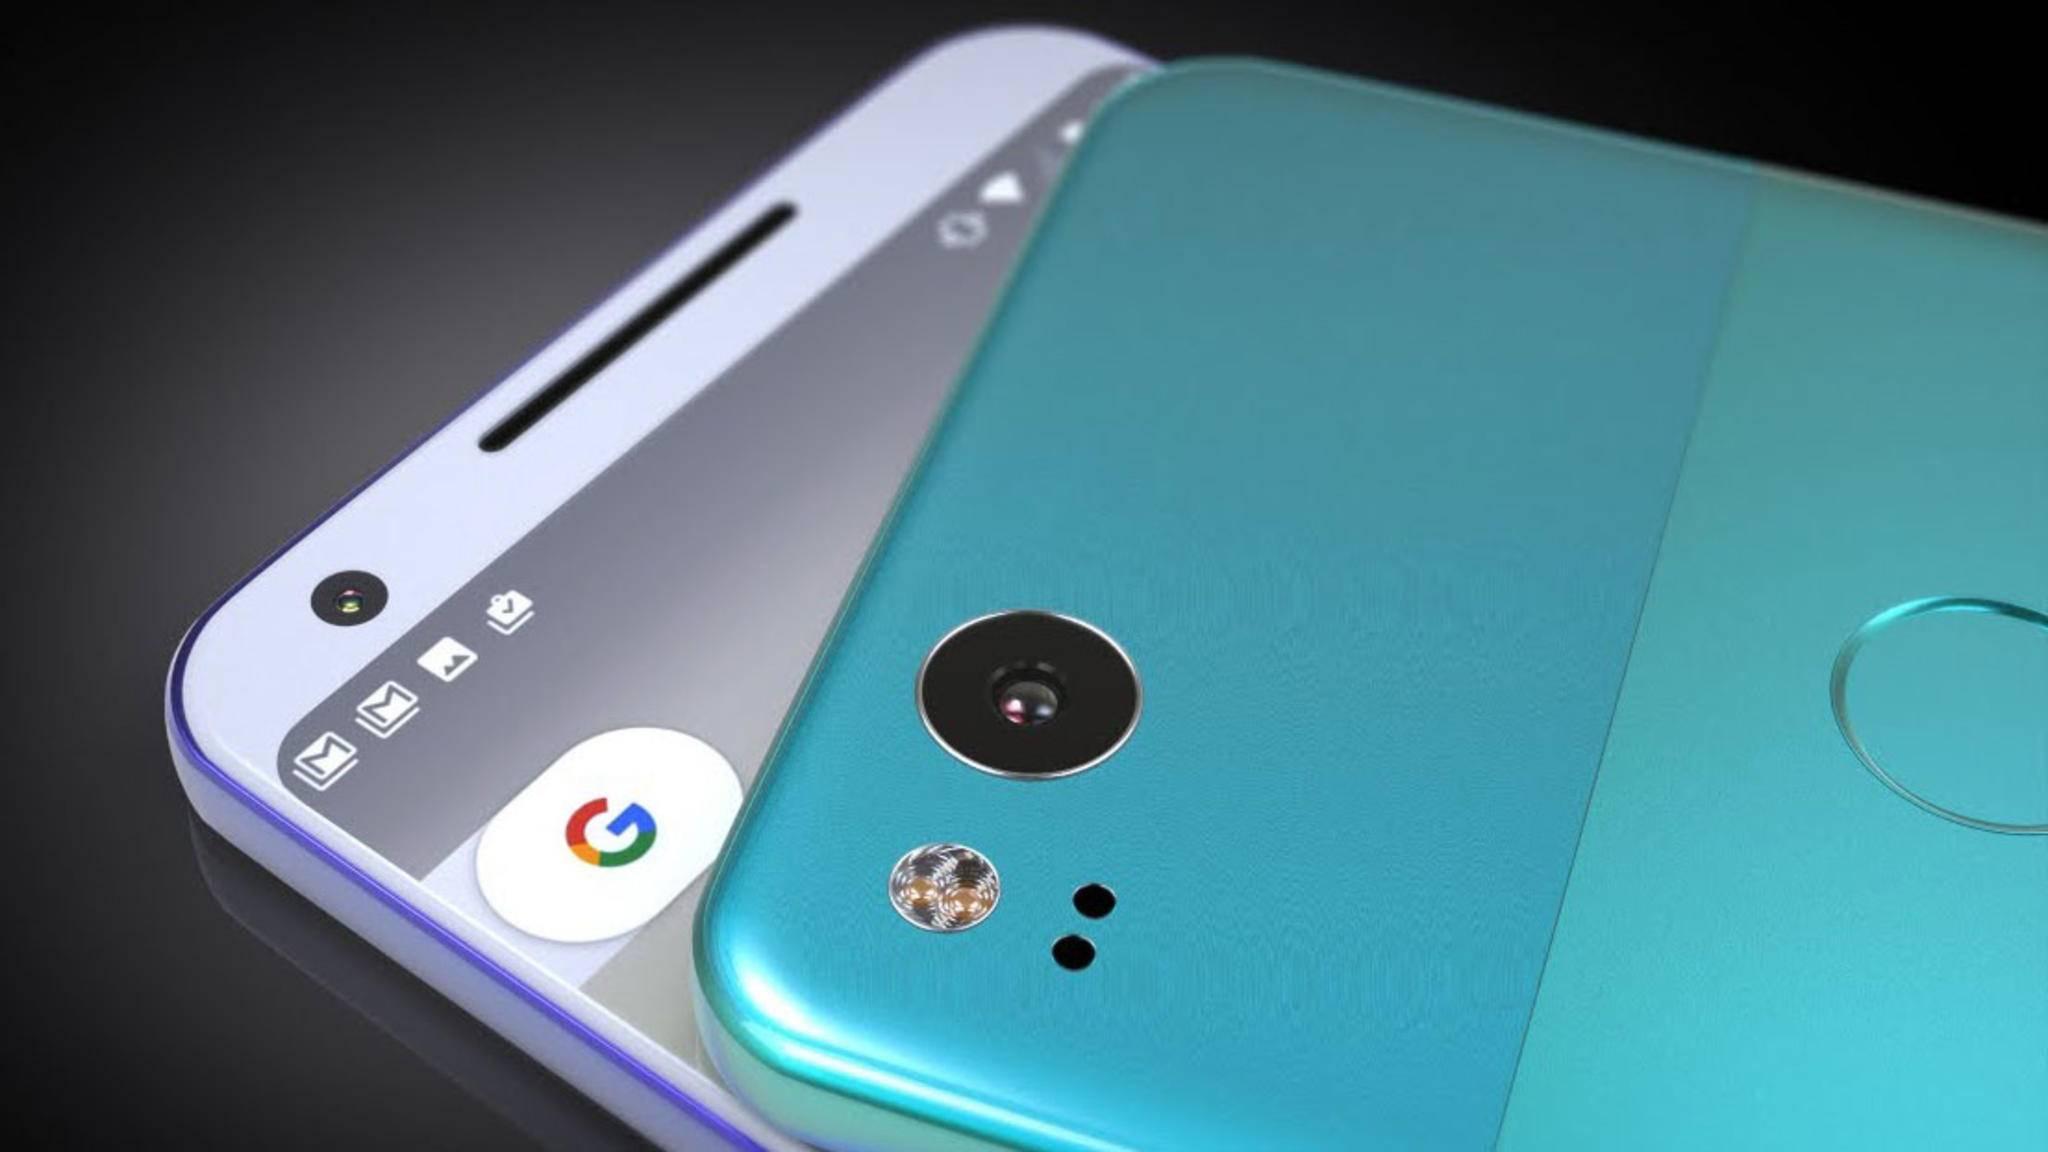 Das Pixel 2 XL stammt offenbar nicht von HTC.